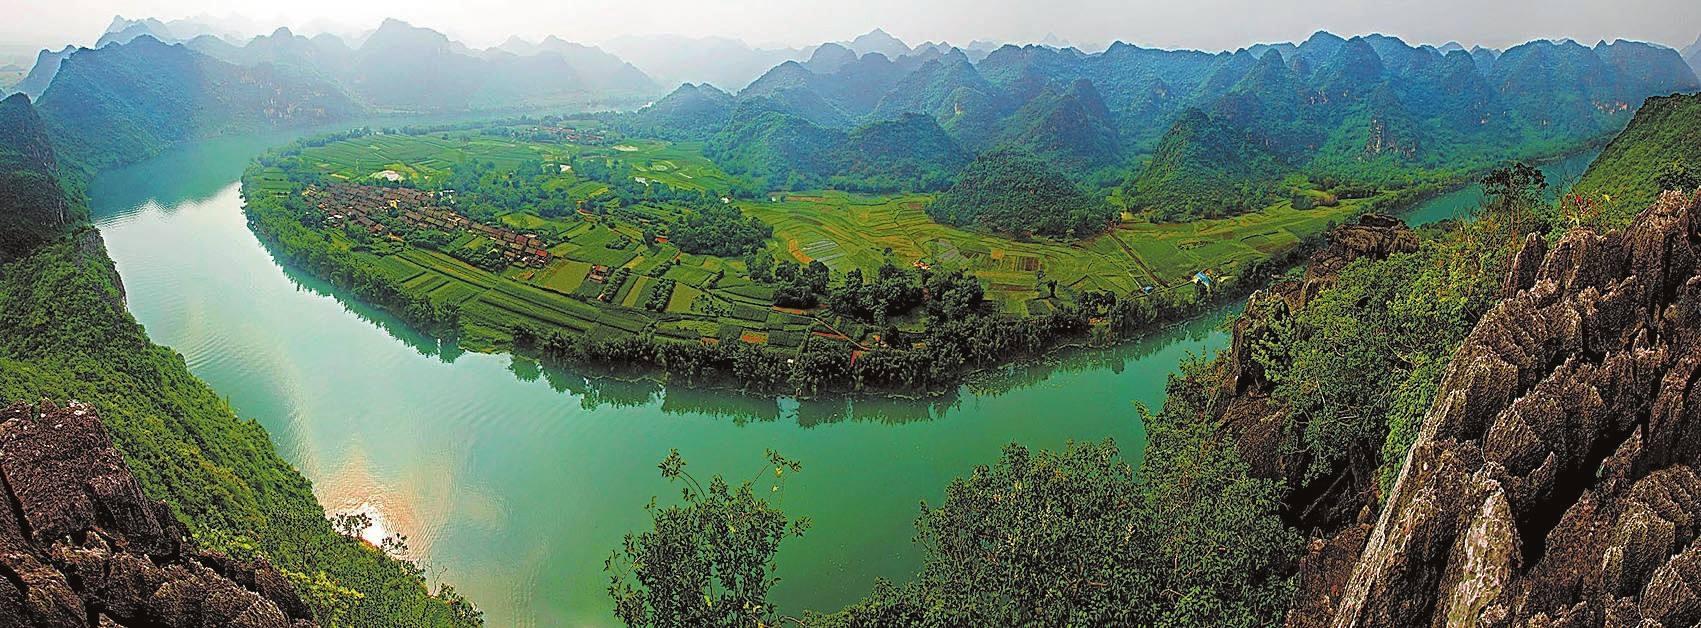 [江州区]新和镇被认定为第二批全国特色小镇